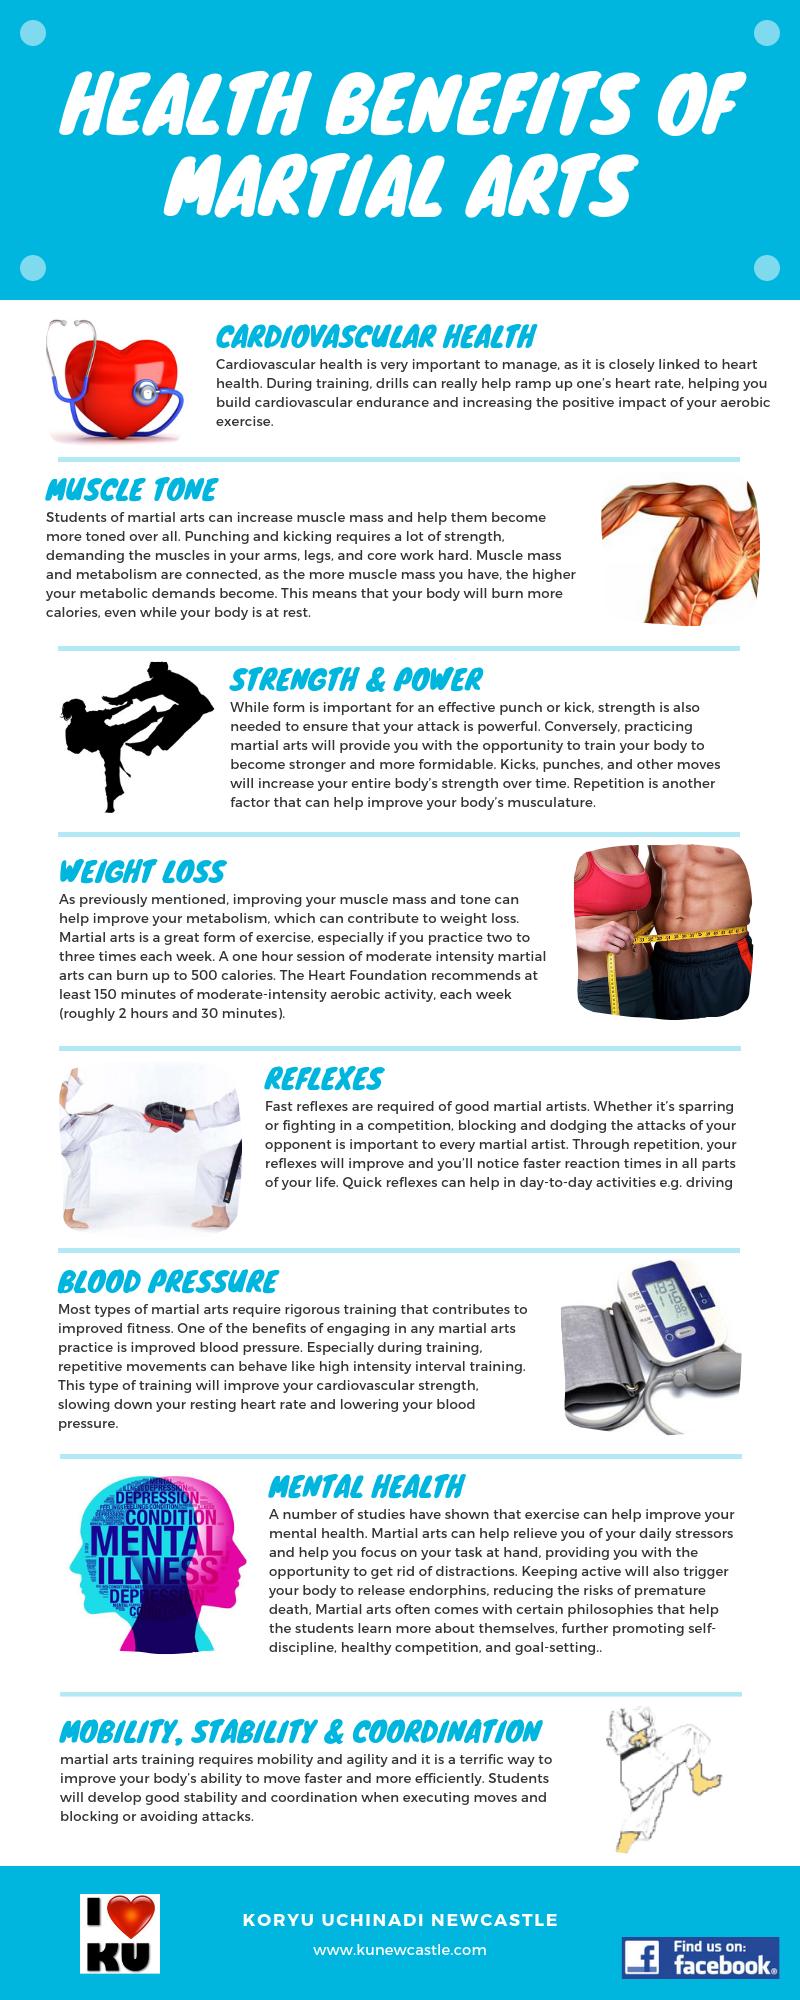 Health benefits of martial arts